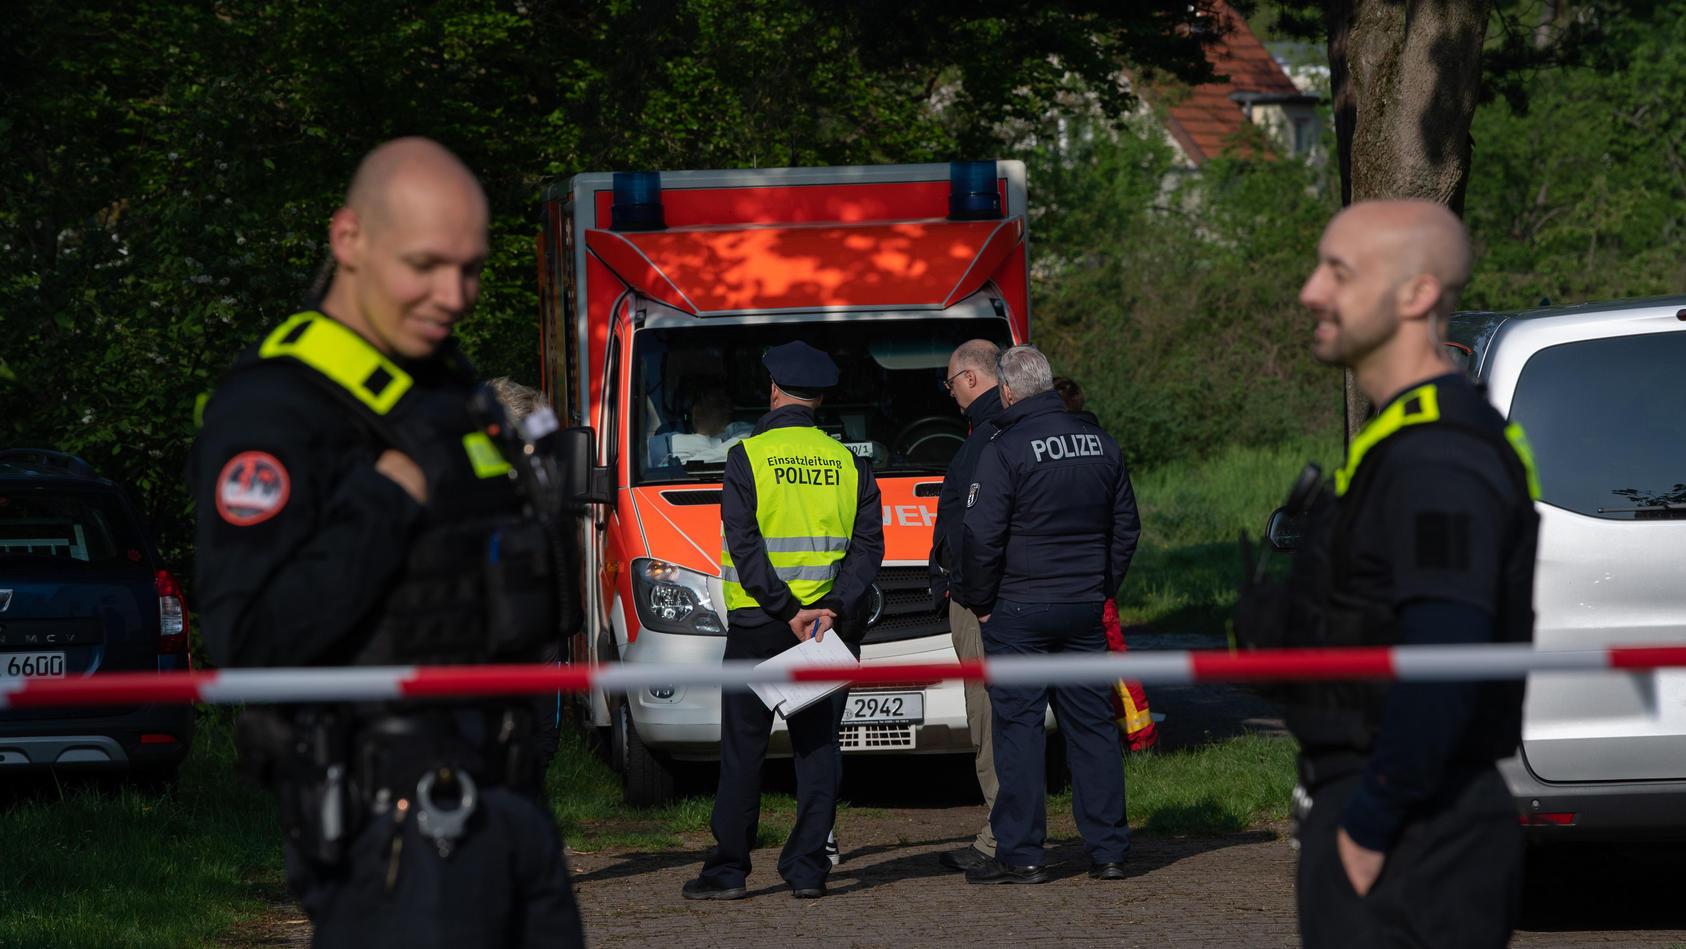 Polizeibeamte an einem Absperrband unweit einer Parkanlage an der Idsteiner Straße Ecke Seibtweg in Berlin-Zehlendorf  unweit des Tatorts